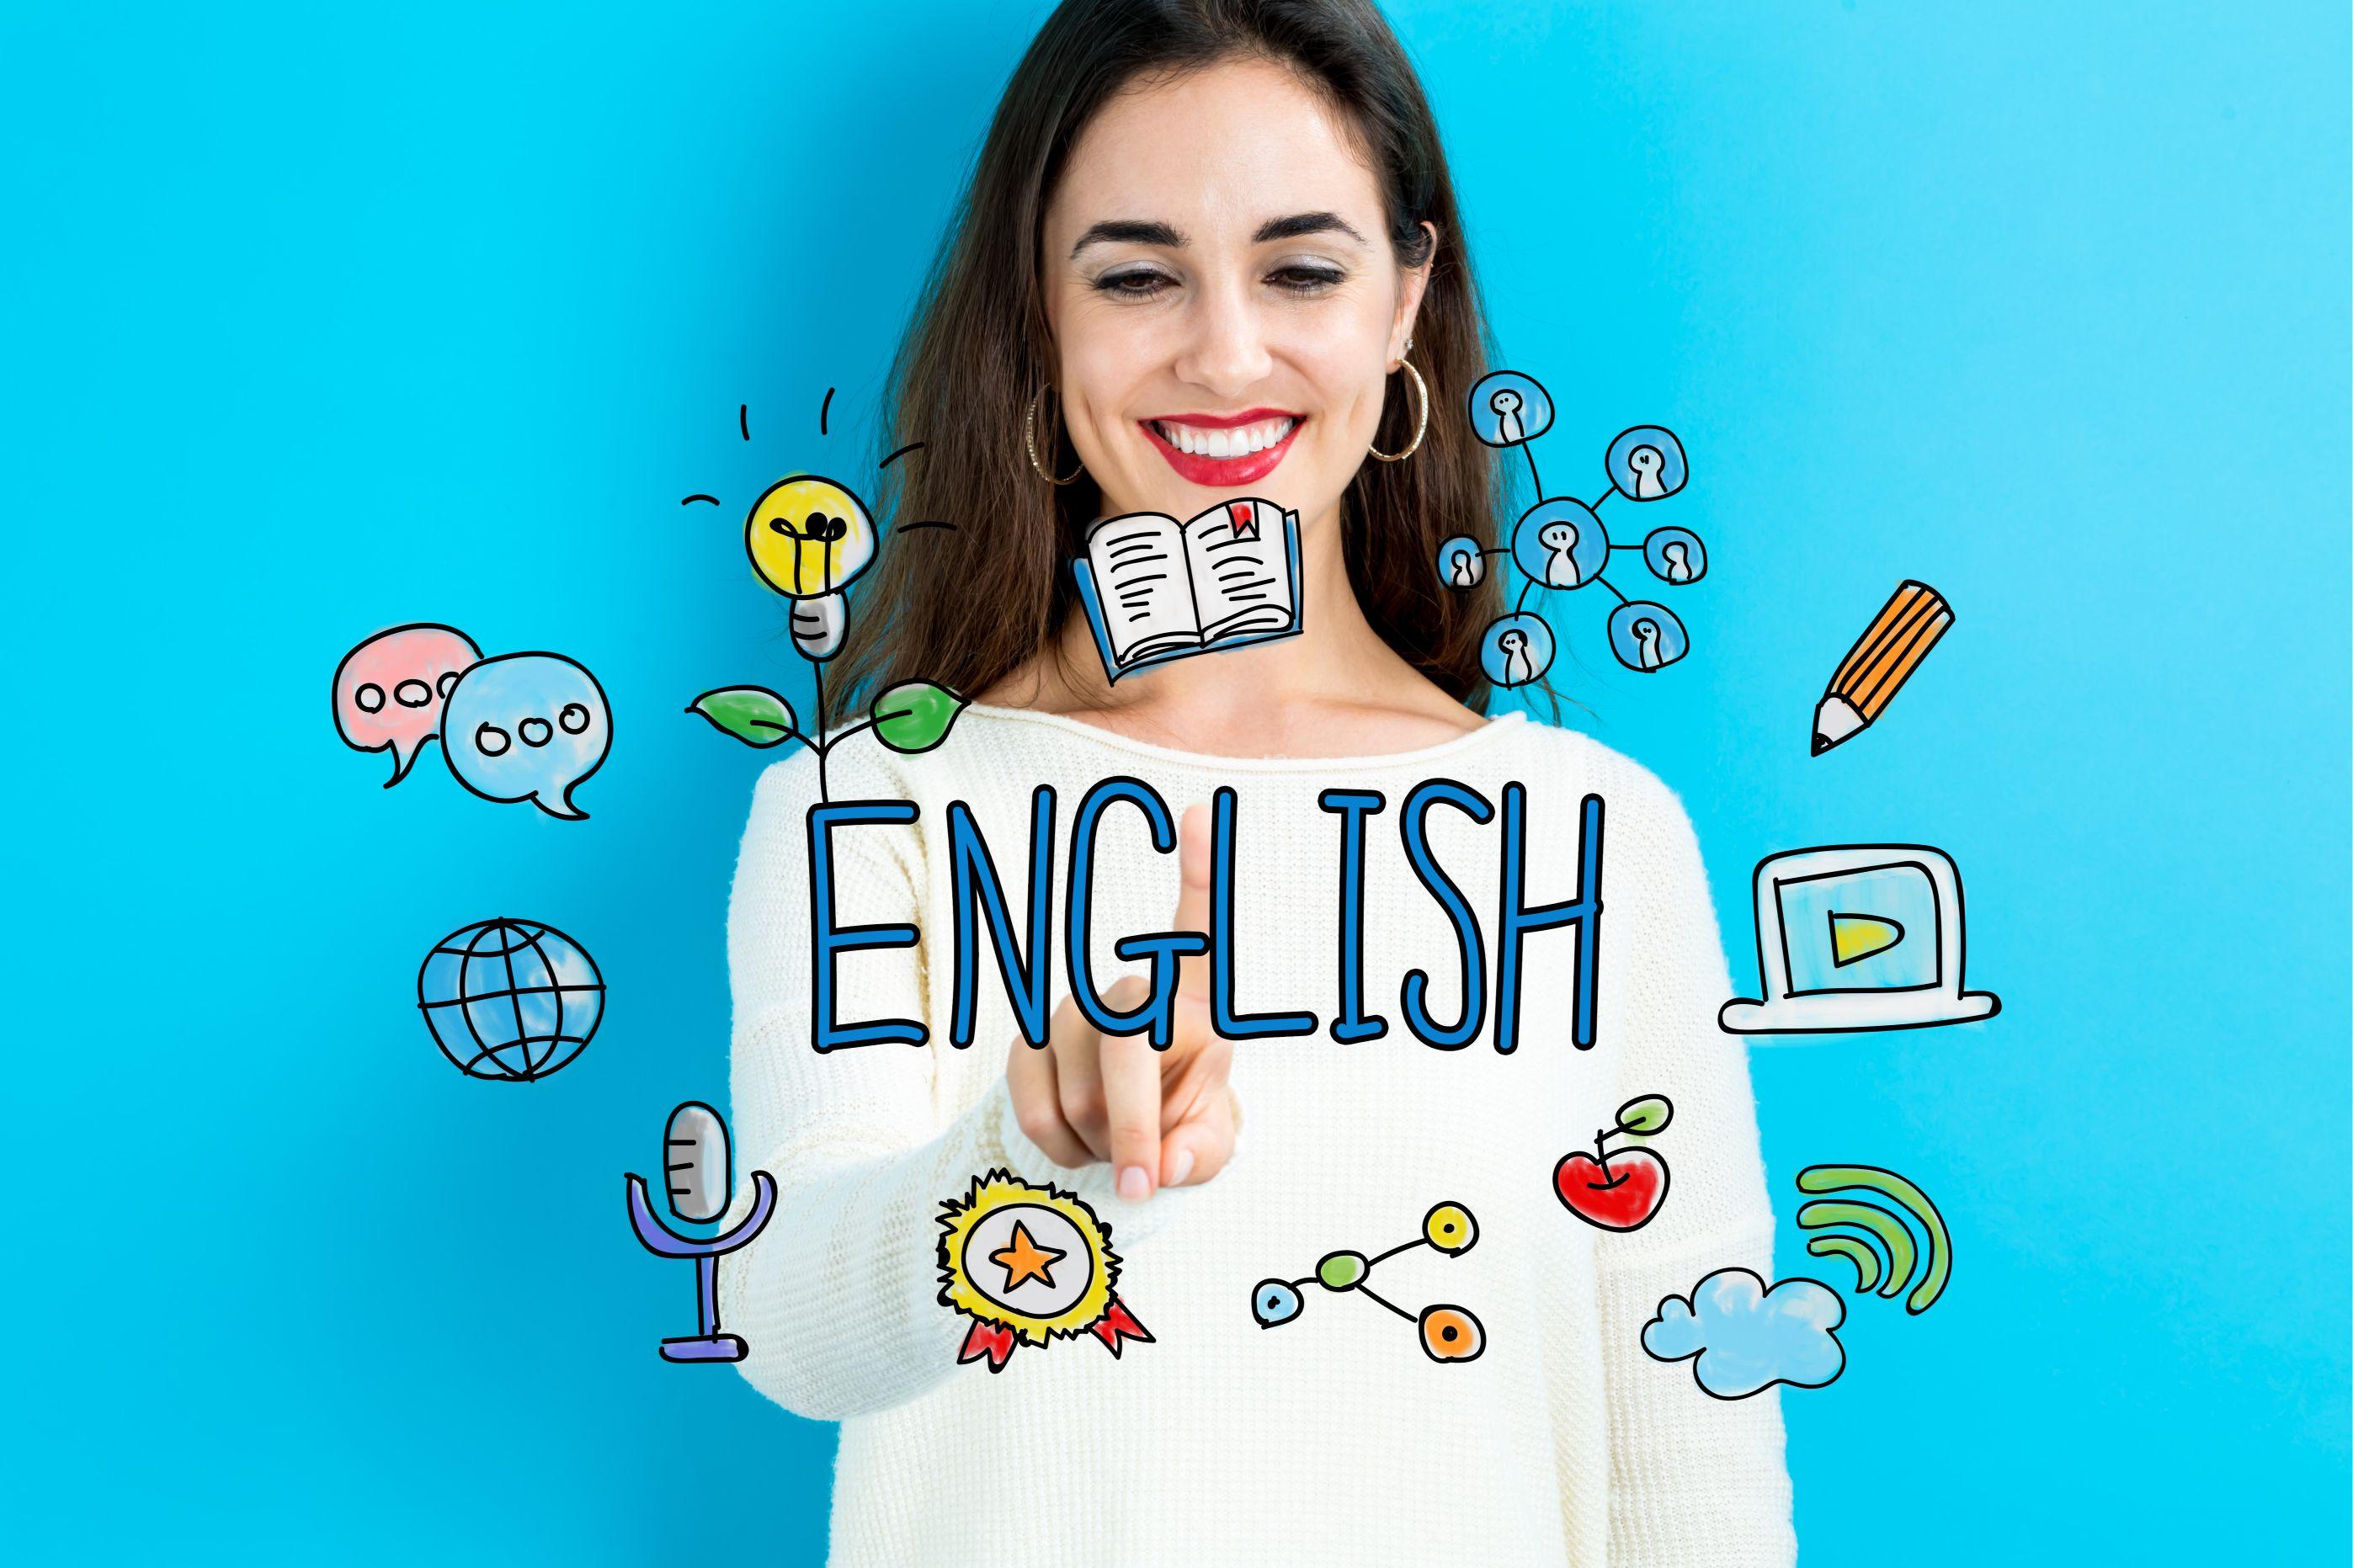 英語 なっ する に こと た